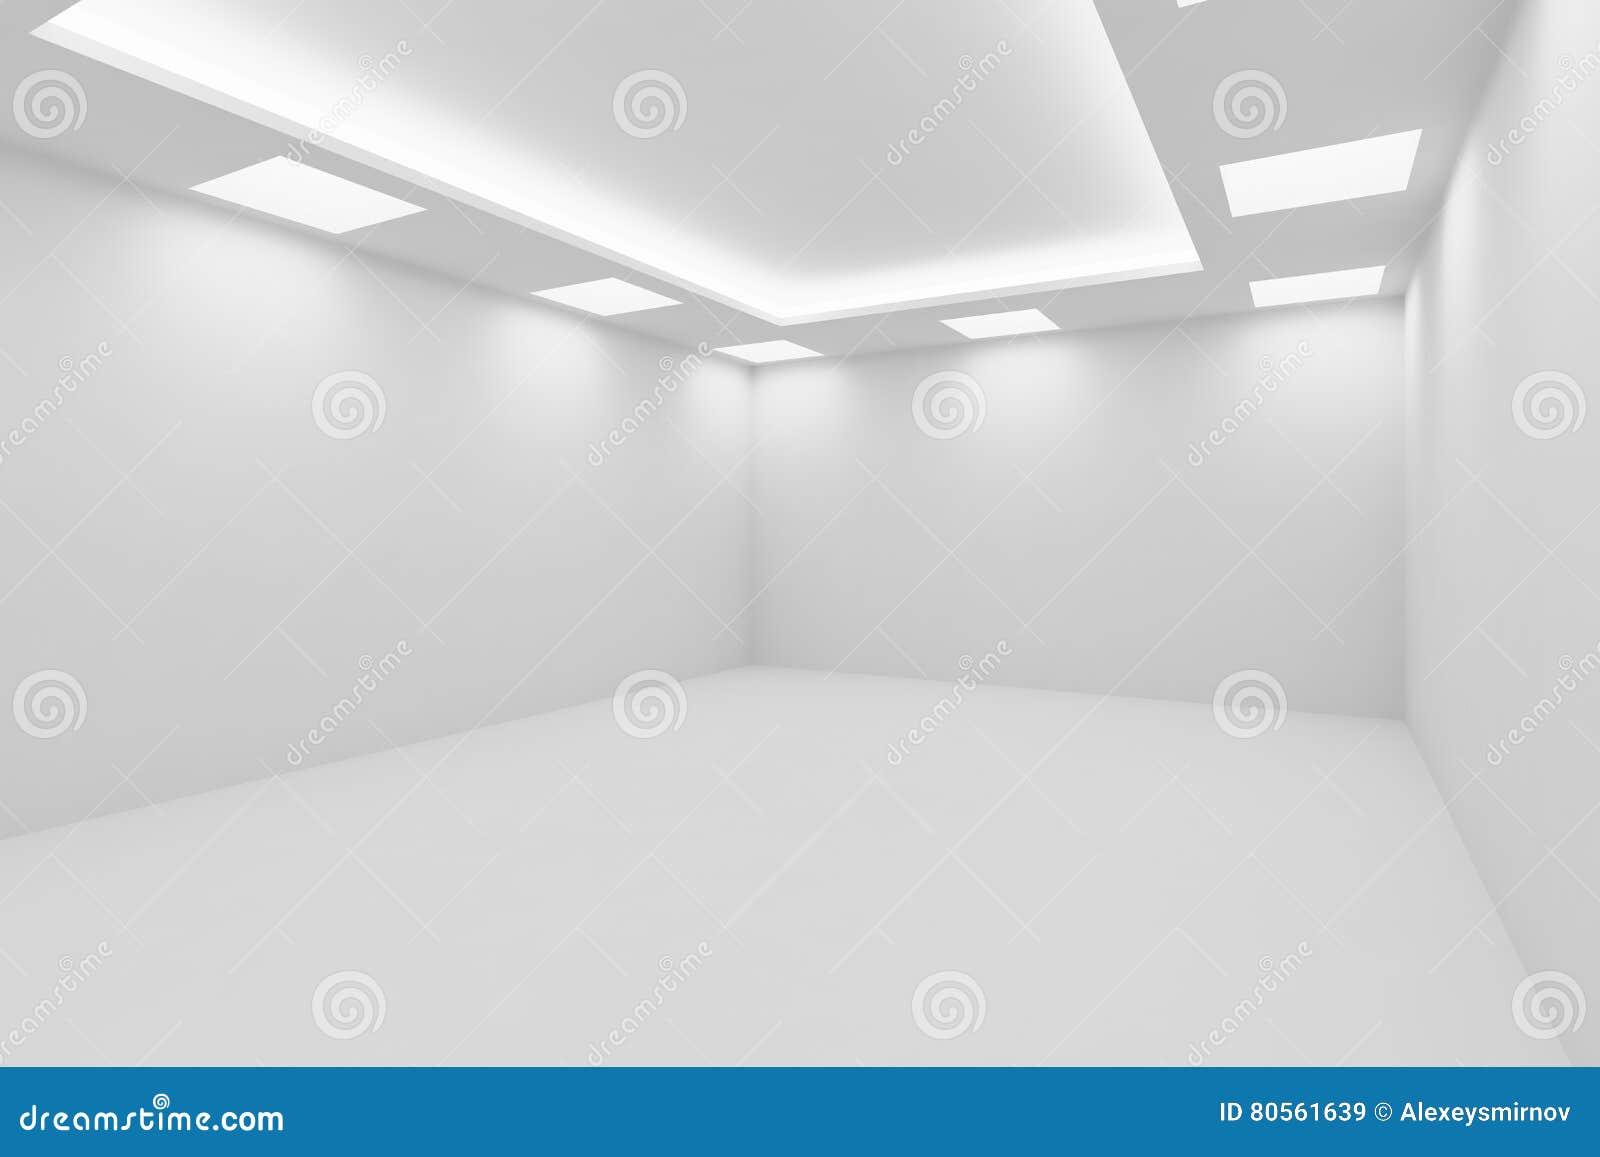 Plafoniere Quadrata : Svuoti la stanza bianca con vista quadrata delle plafoniere